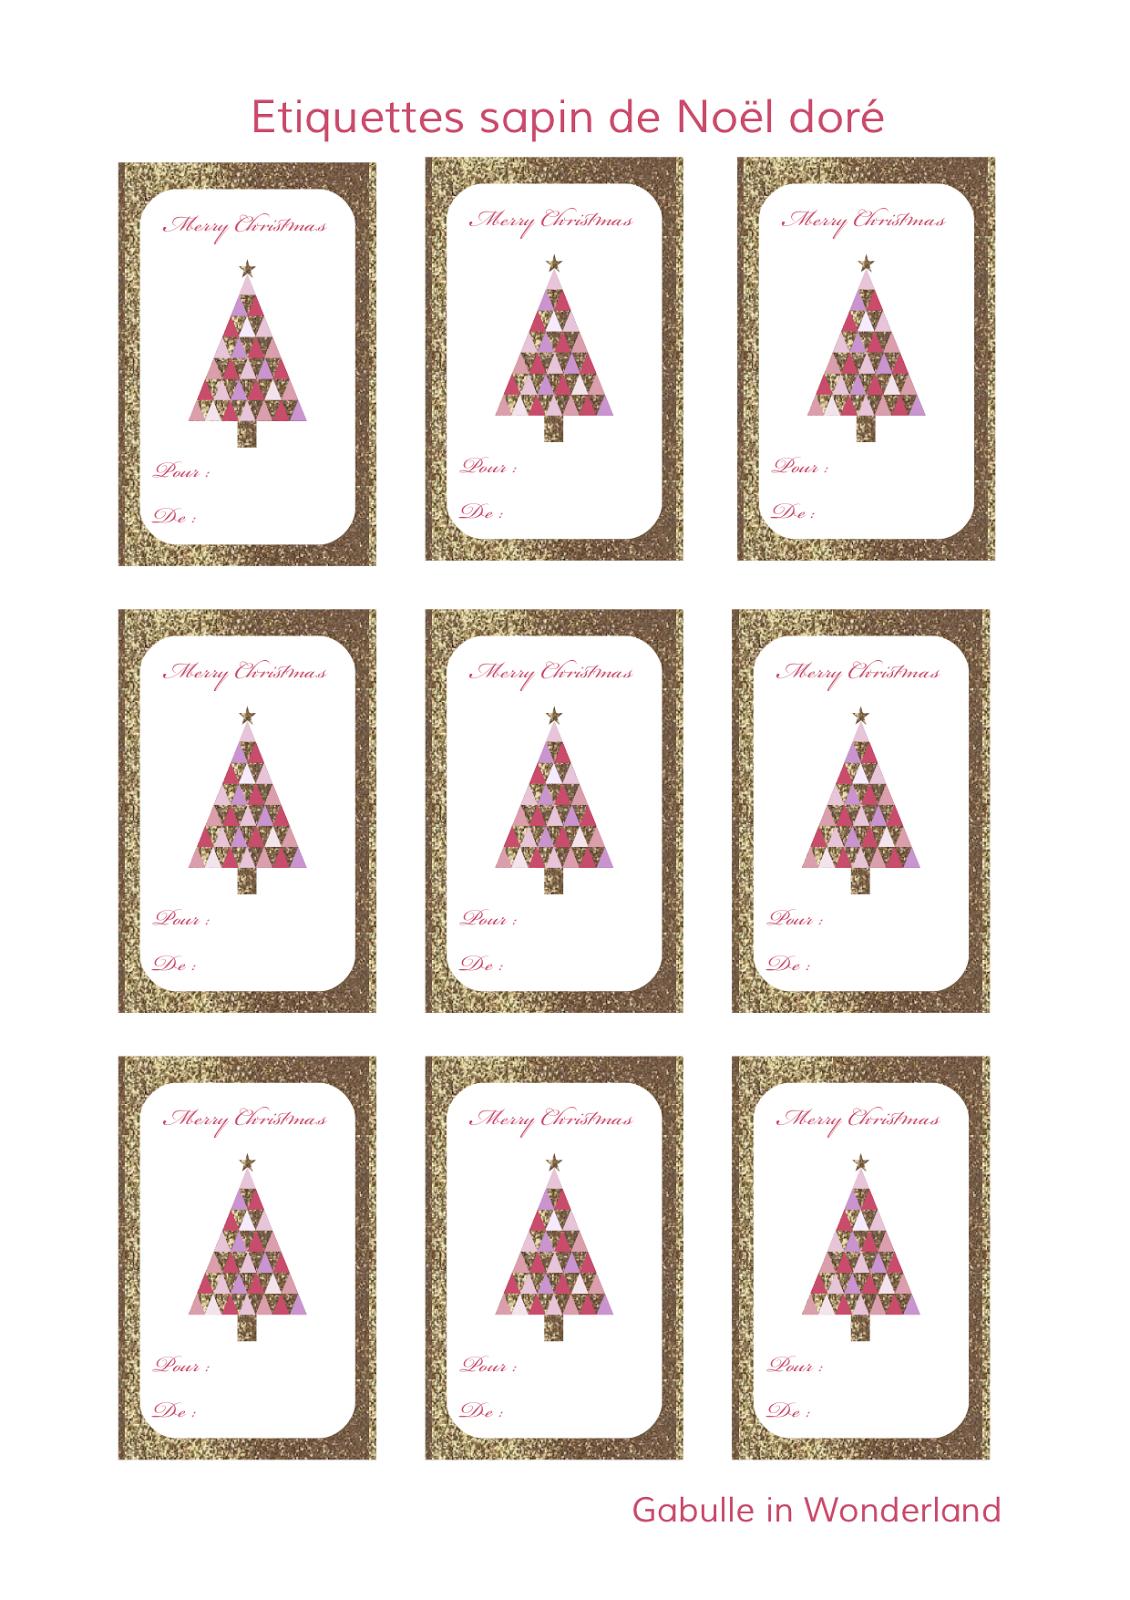 Gabulle In Wonderland: Etiquettes À Imprimer Pour Vos intérieur Etiquette Cadeau Noel A Imprimer Gratuitement